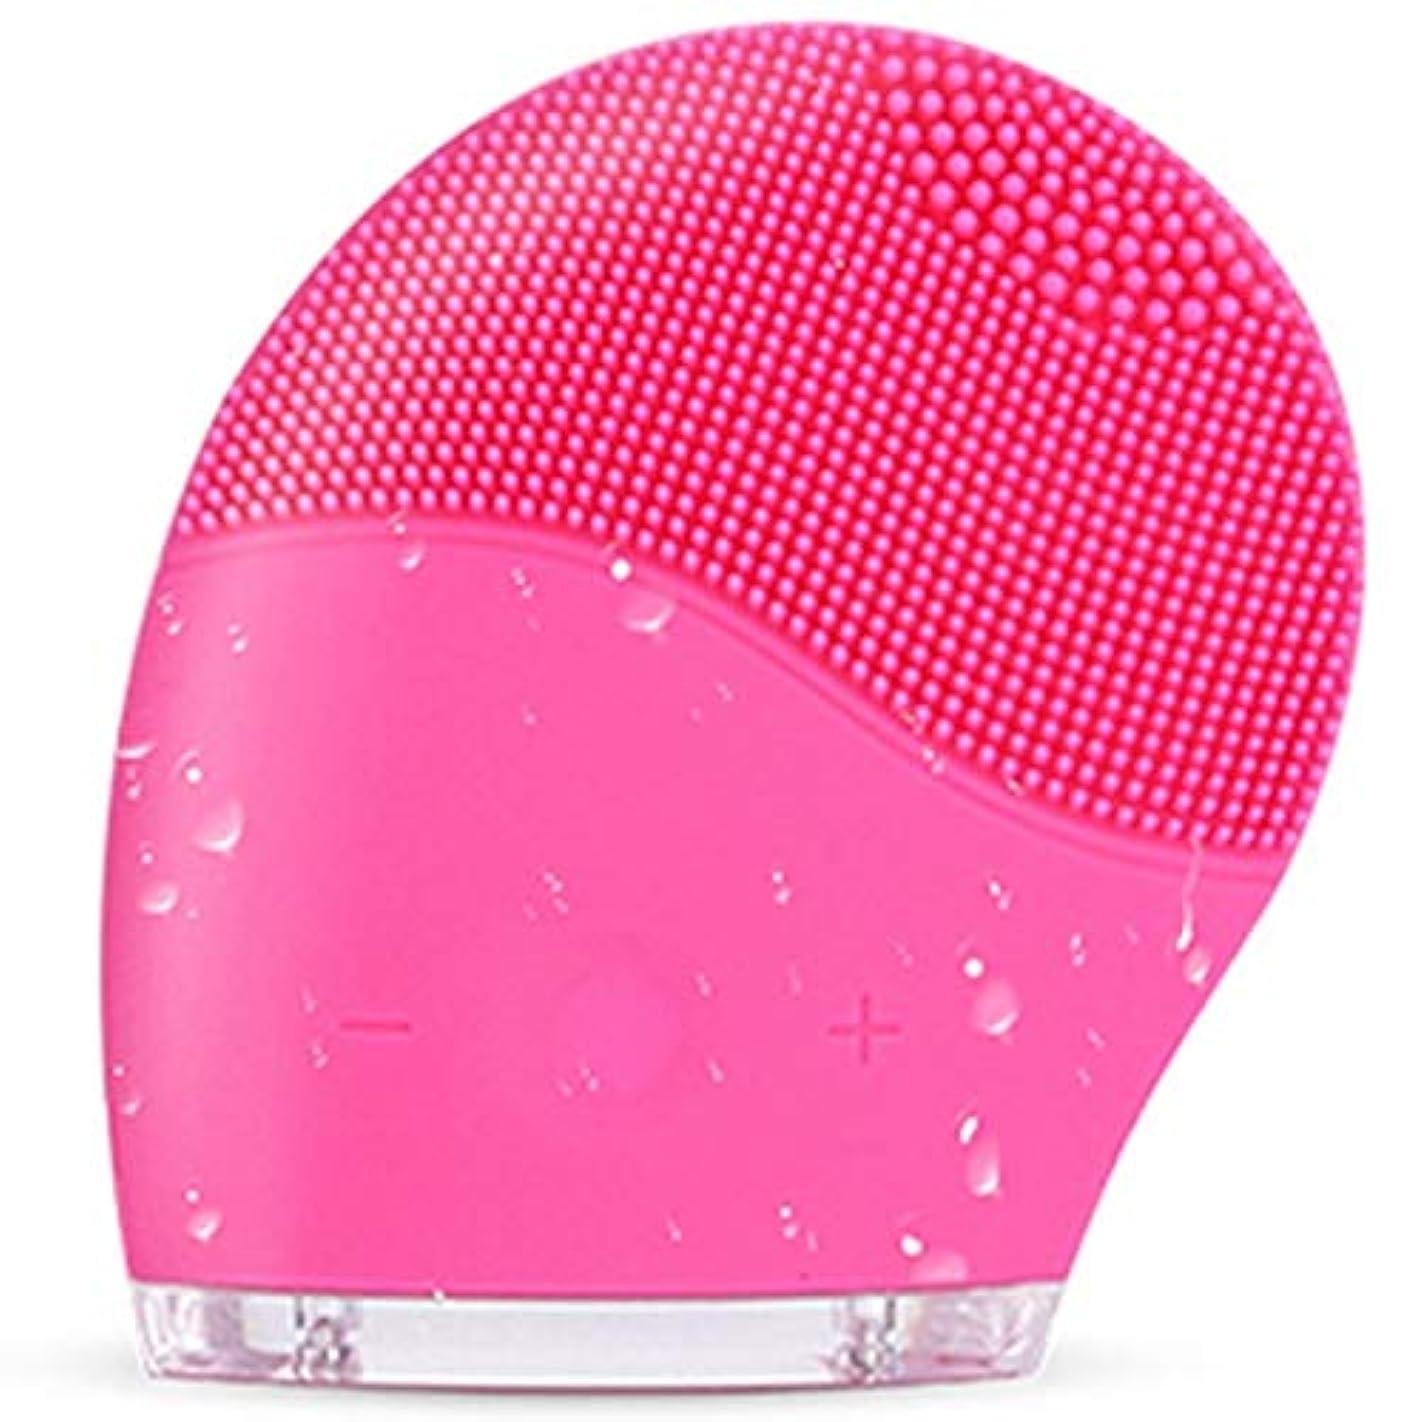 窒息させる海長くするすべての肌タイプのディープクレンジング、スクラブ、およびにきびを減らすためのシリコンフェイスクレンジングブラシ、防水アンチエイジング超音波フェイシャルブラシ、ディープエクスフォリエーターメイクアップツール (Color...